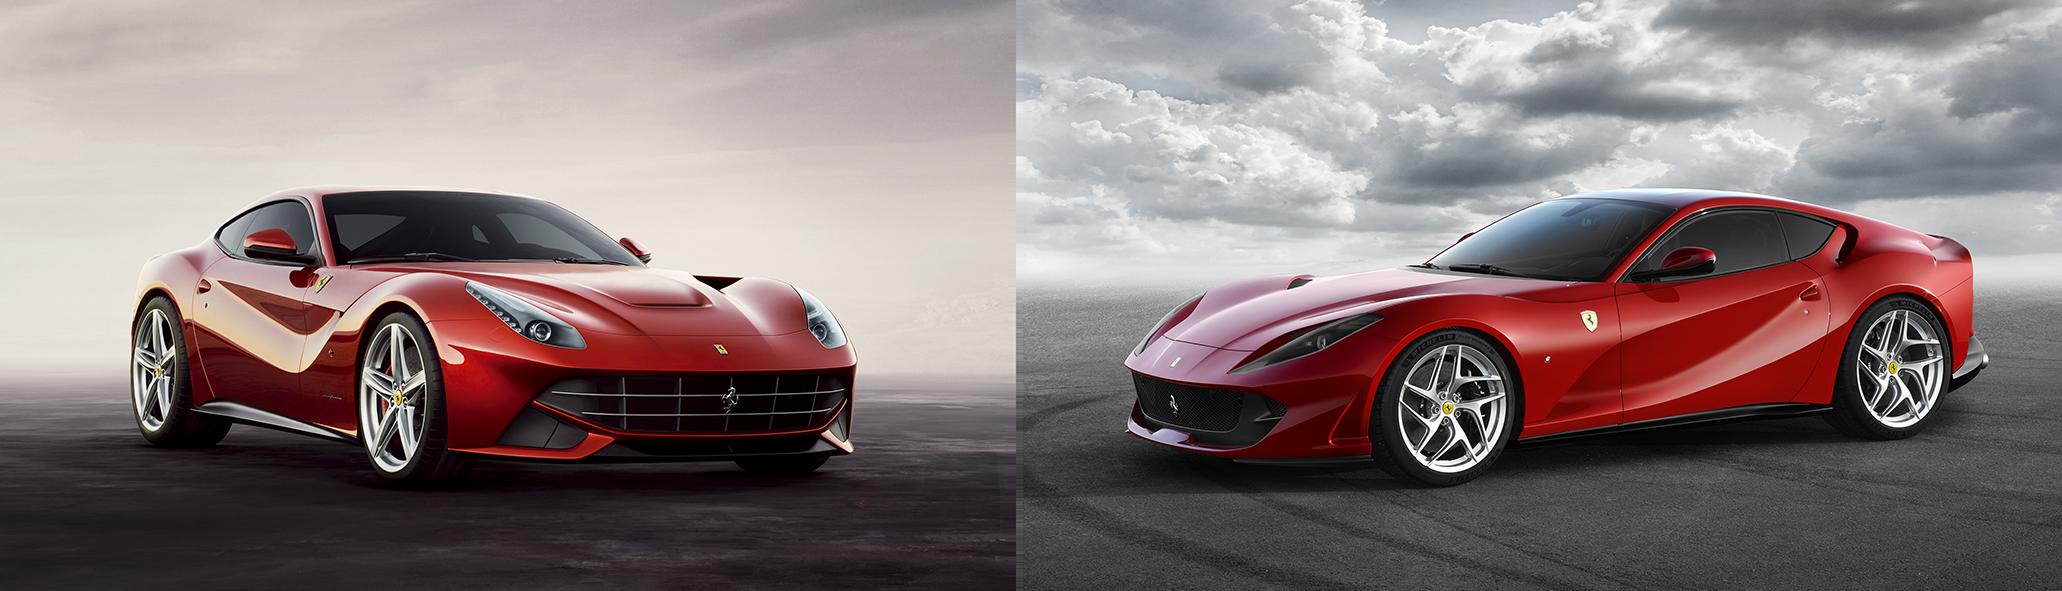 """À esquerda, a """"última Pininfarina viva"""" da Ferrari: a F12berlinetta, de 2012. Sua sucessora, a 812 Superfast (à dir.), foi apresentada no Salão de Genebra deste ano (Ferrari/Divulgação)"""